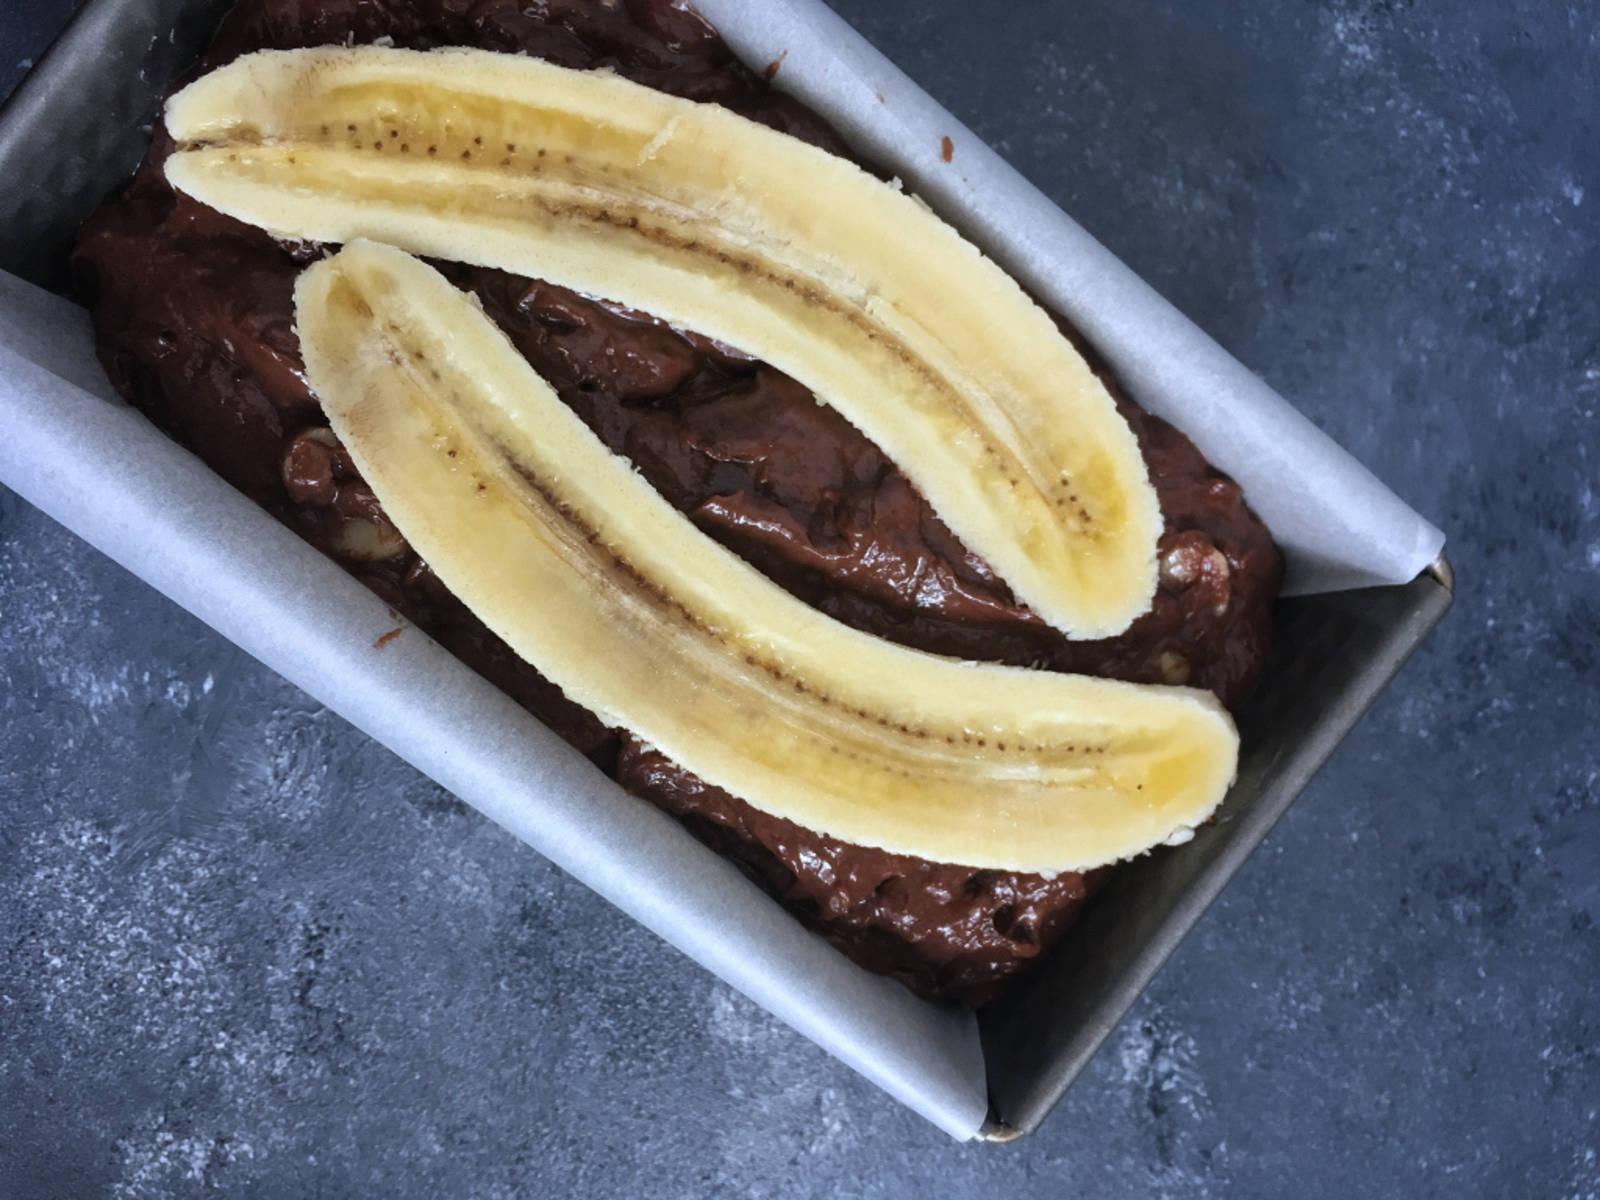 Den Schokoteig in die Form geben. Dann die übrige Banane der Länge nach halbieren und mit dem braunen Zucker bestreuen. So karamellisiert das beim Backen so schön.